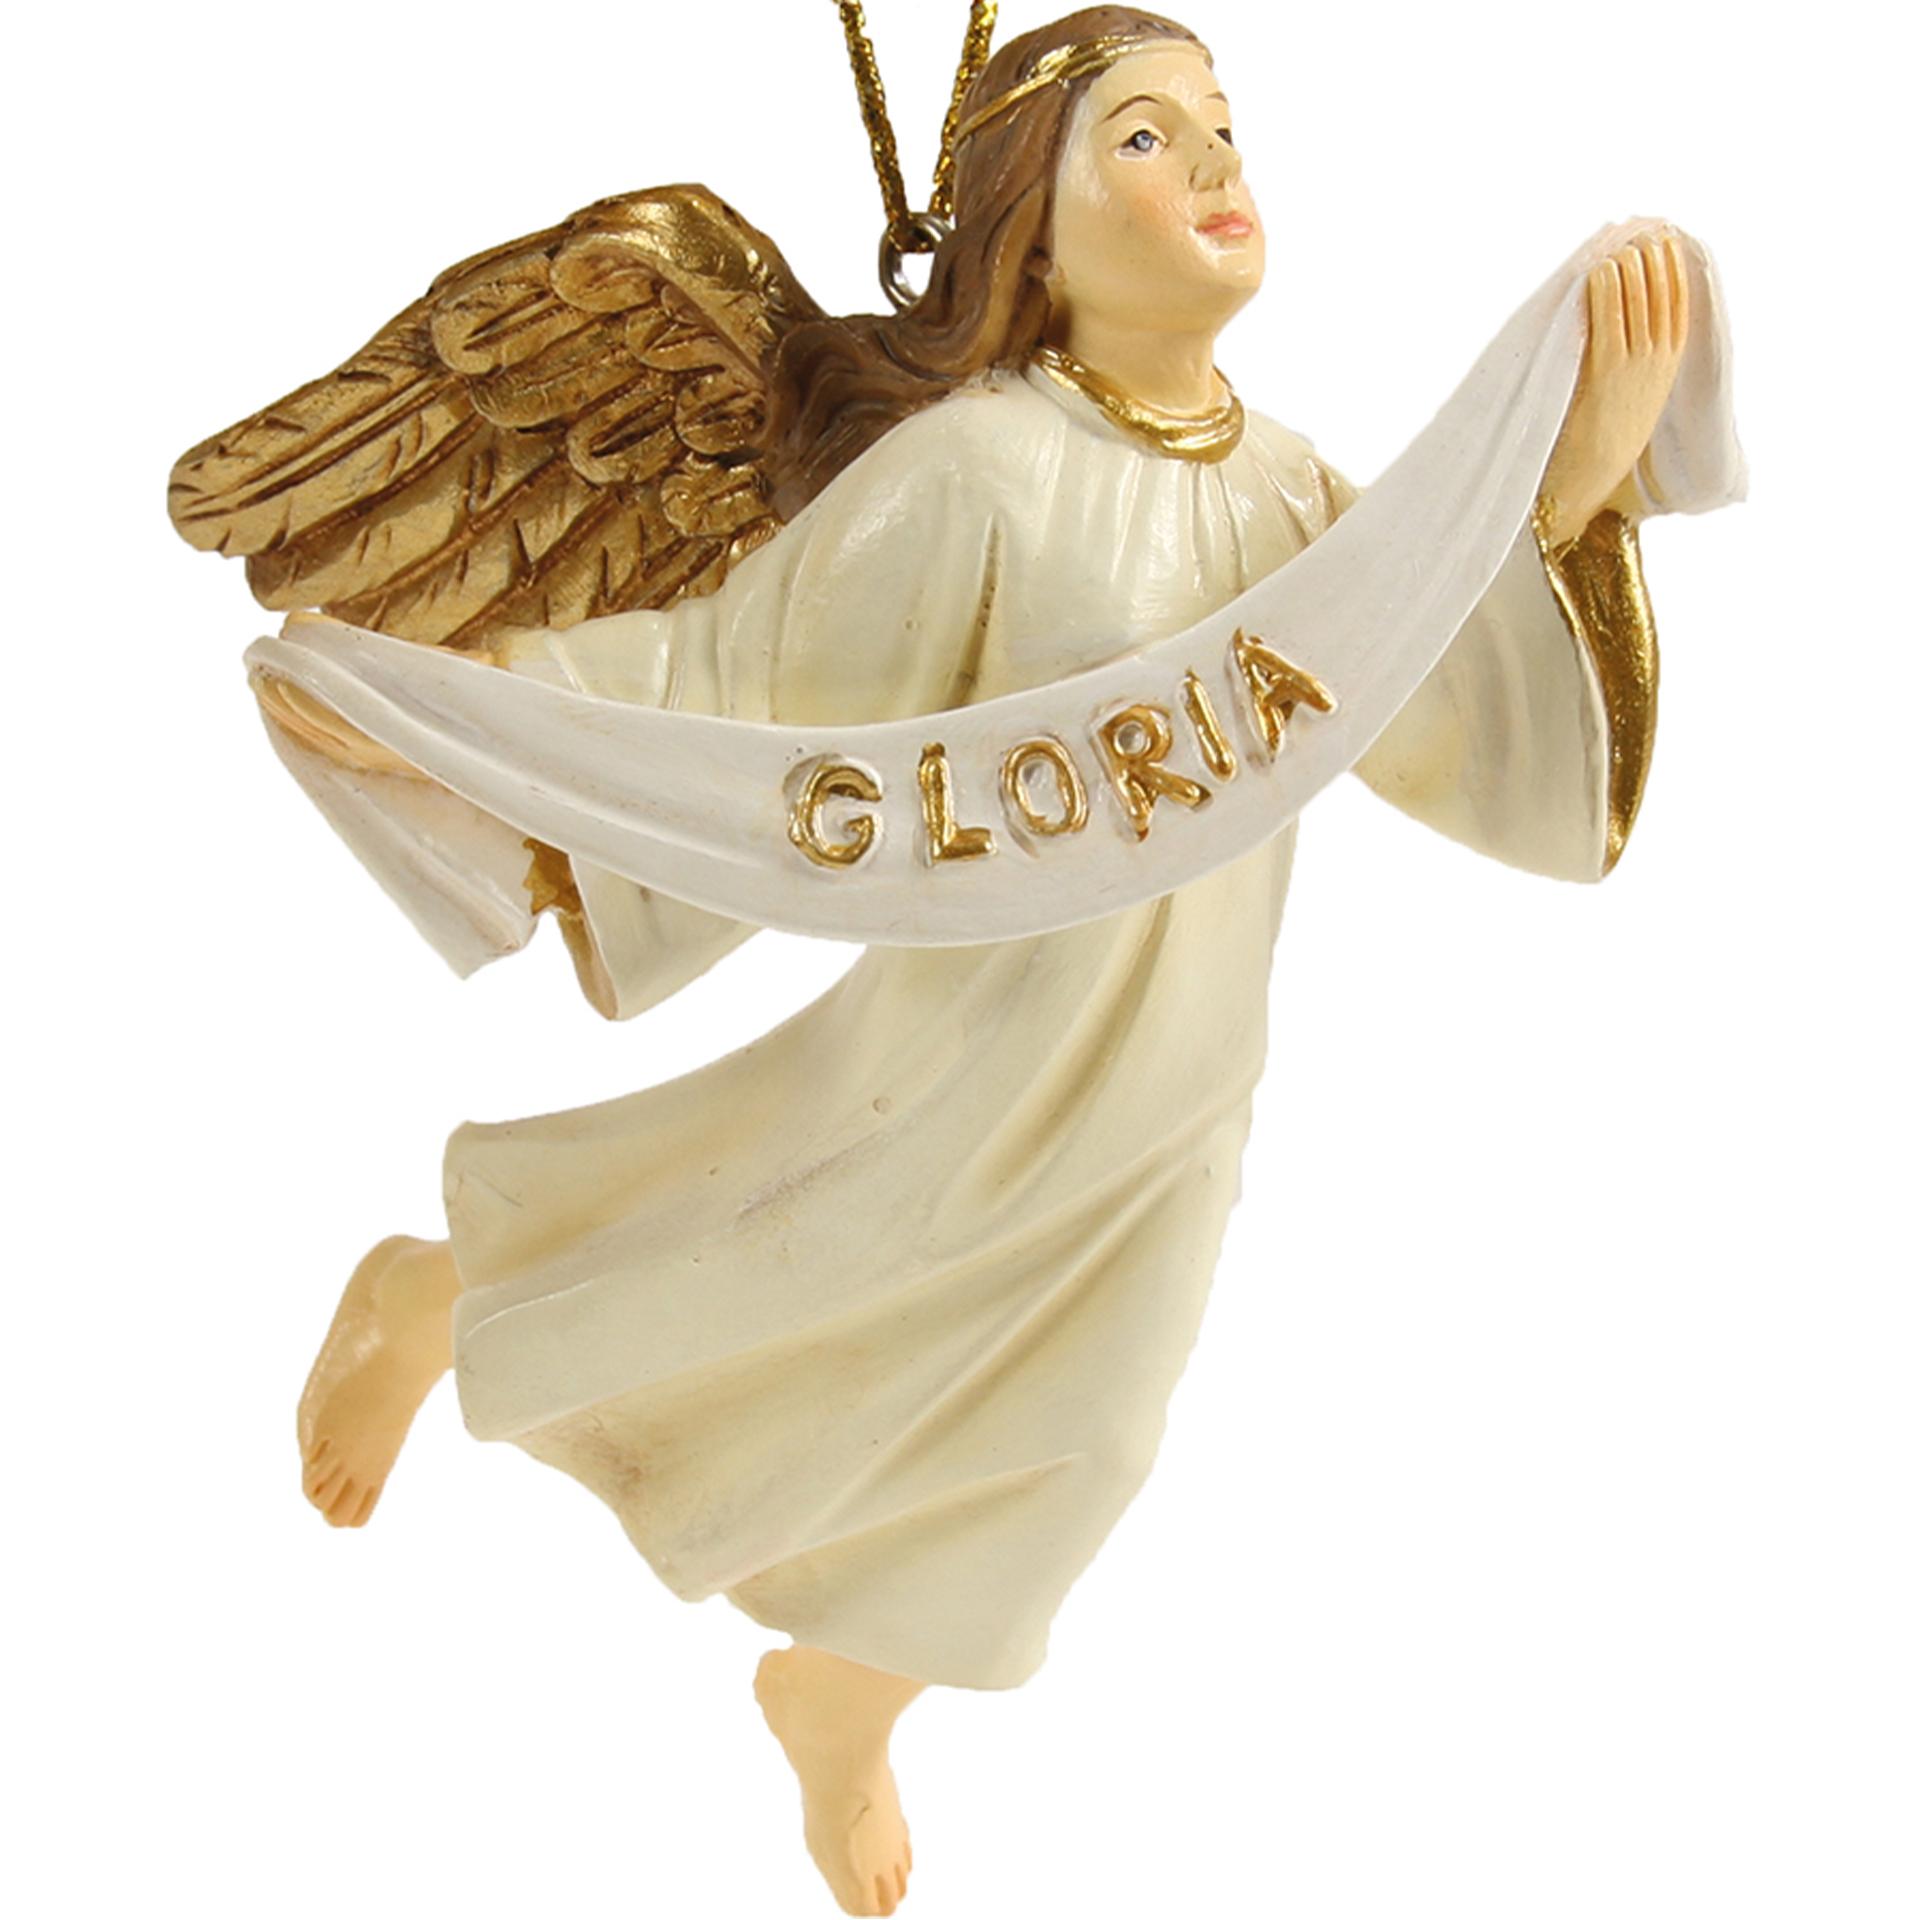 Engel fliegend mit Gloriabanner